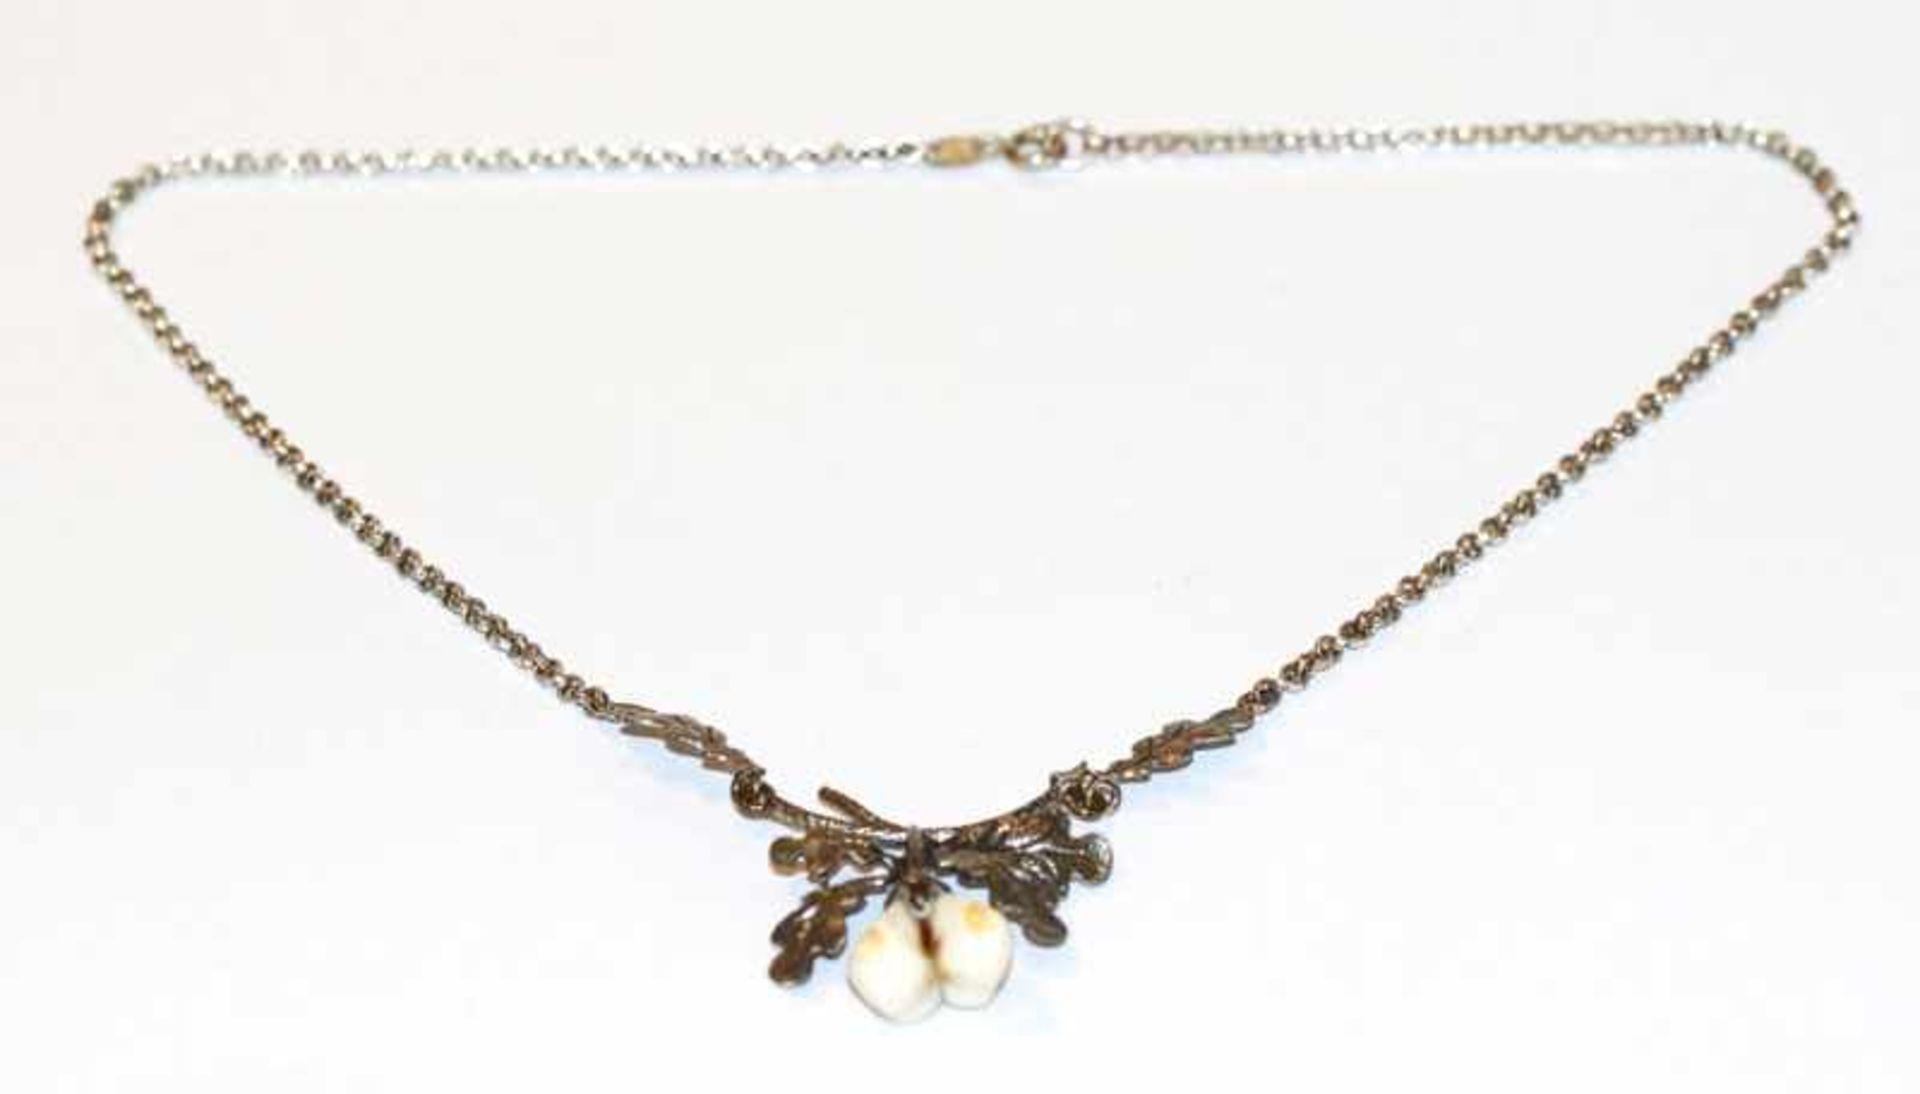 Los 4 - Silber Collierkette mit plastischem Eichenlaub und Grandelpaar, L 38 cm